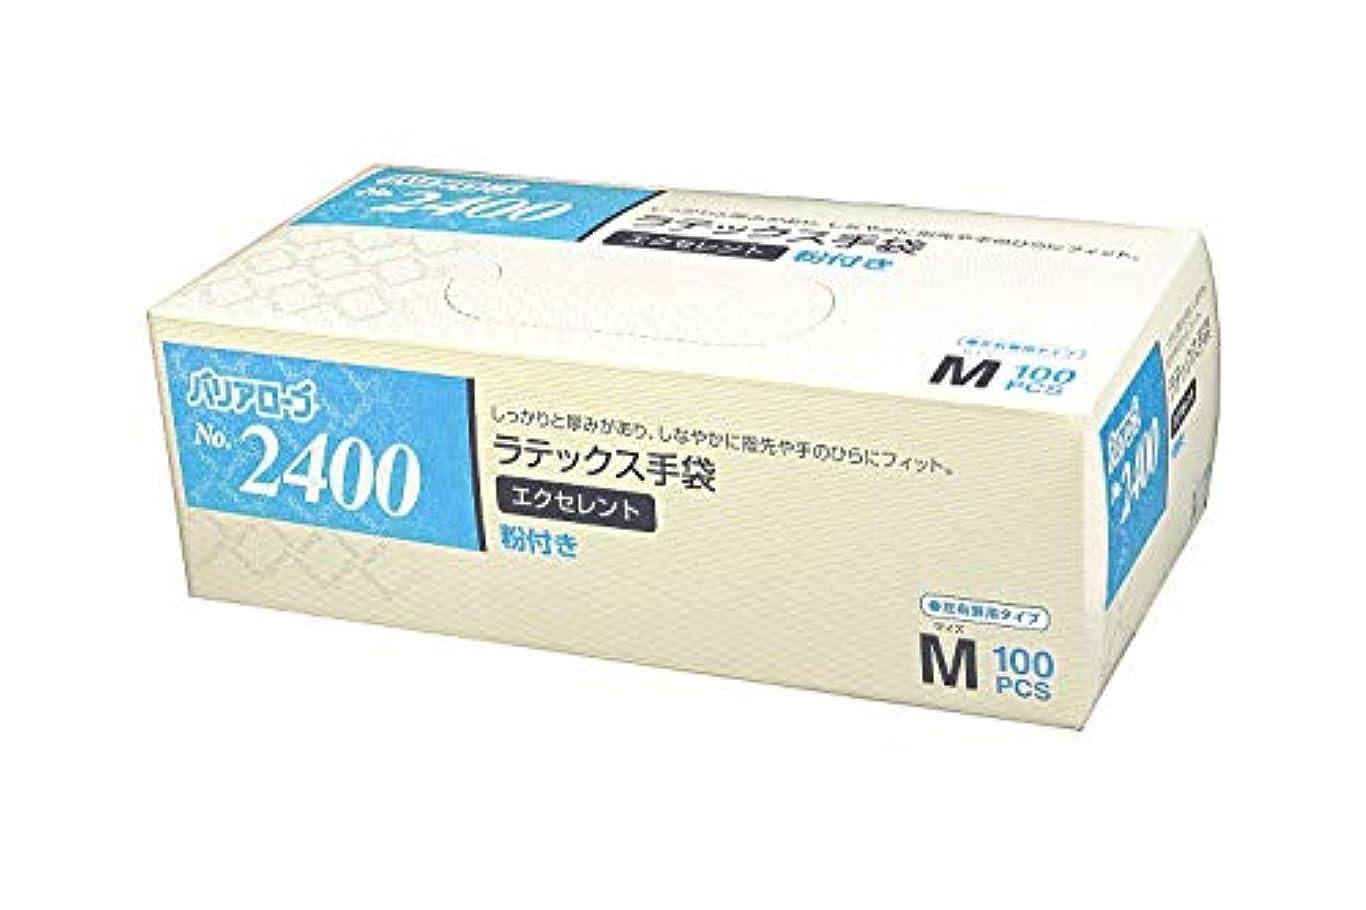 間違いなく貨物石化する【ケース販売】 バリアローブ №2400 ラテックス手袋 エクセレント (粉付き) M 2000枚(100枚×20箱)